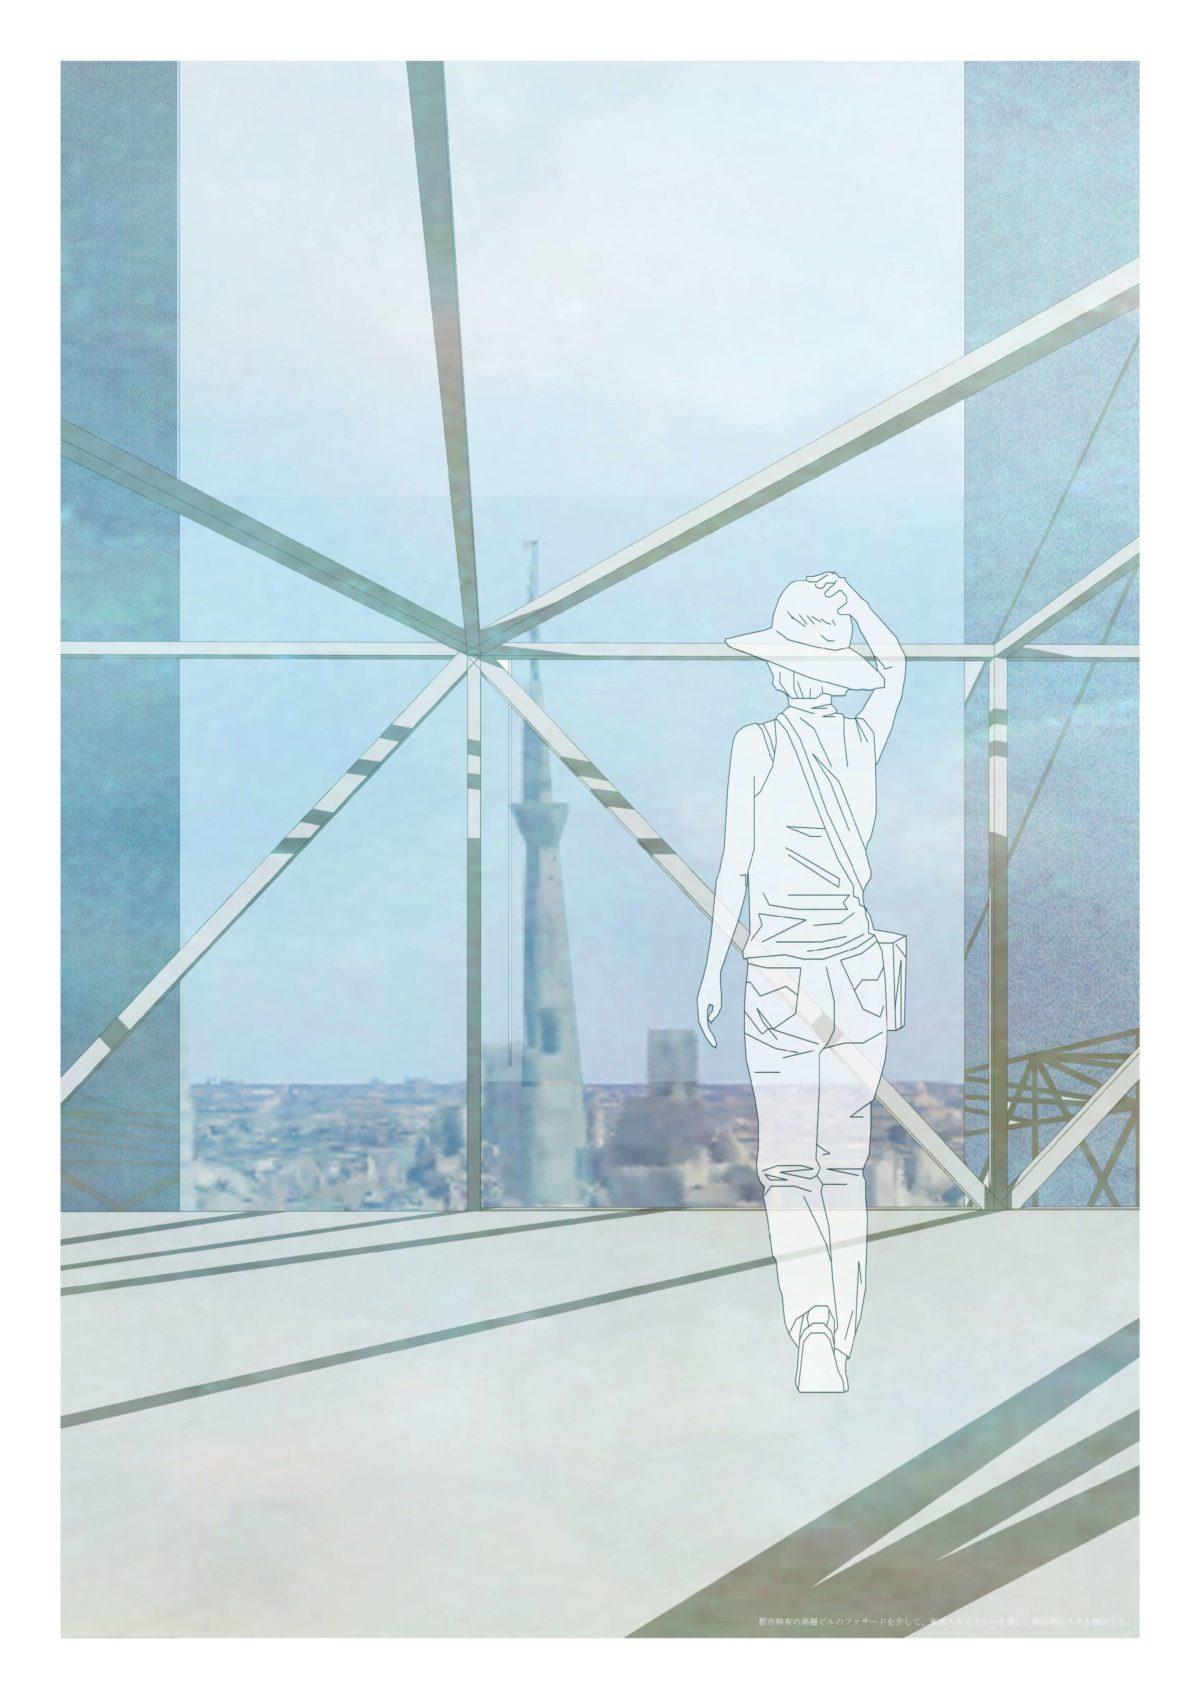 風景を想起する第五世代美術館建築 -歌川広重による名所江戸百景の分析を通して--12